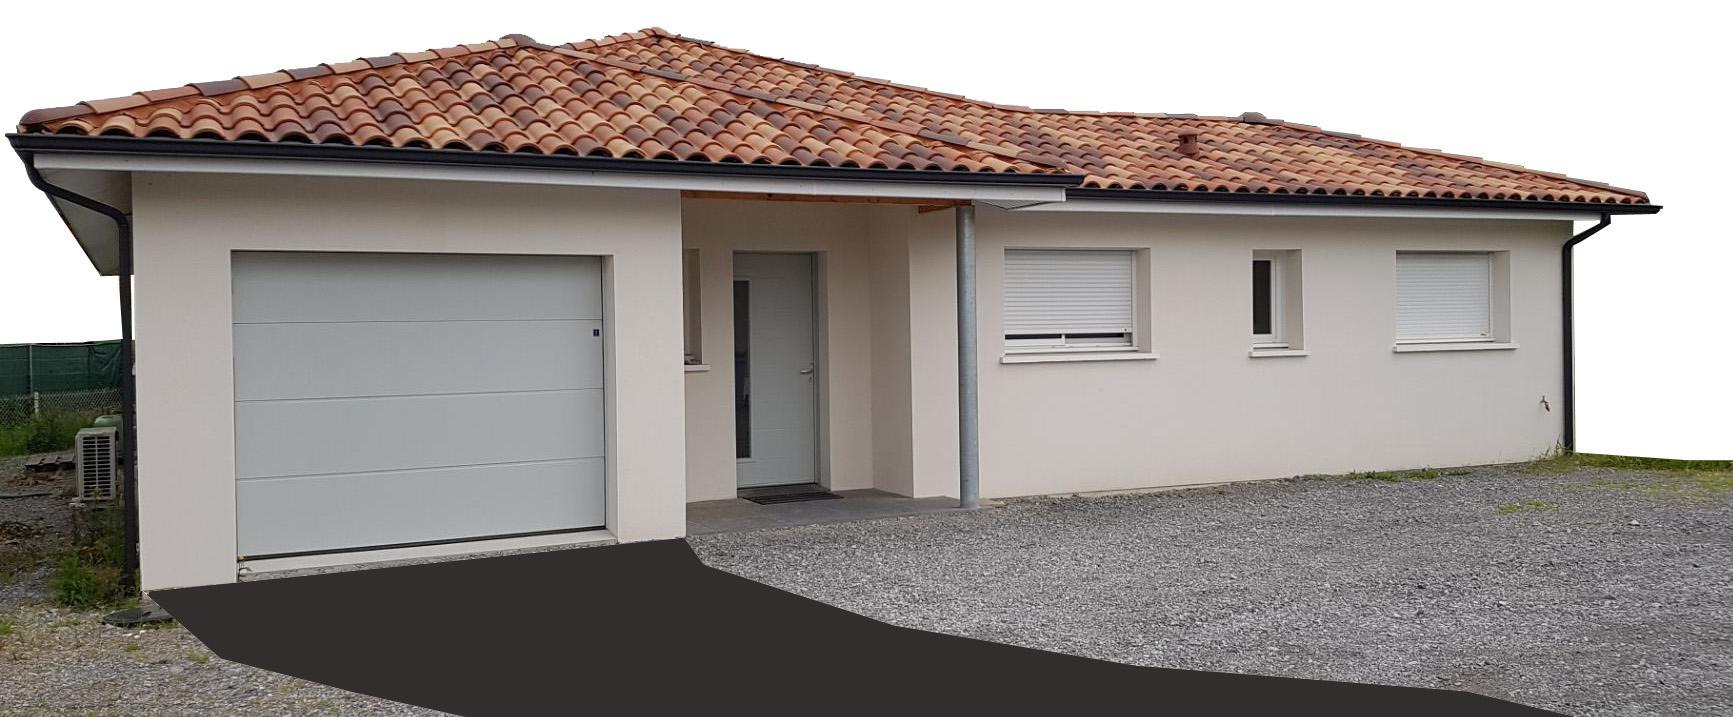 Maisons du constructeur MAISONS CONFORECO - AGENCE MONT DE MARSAN • 93 m² • MEES